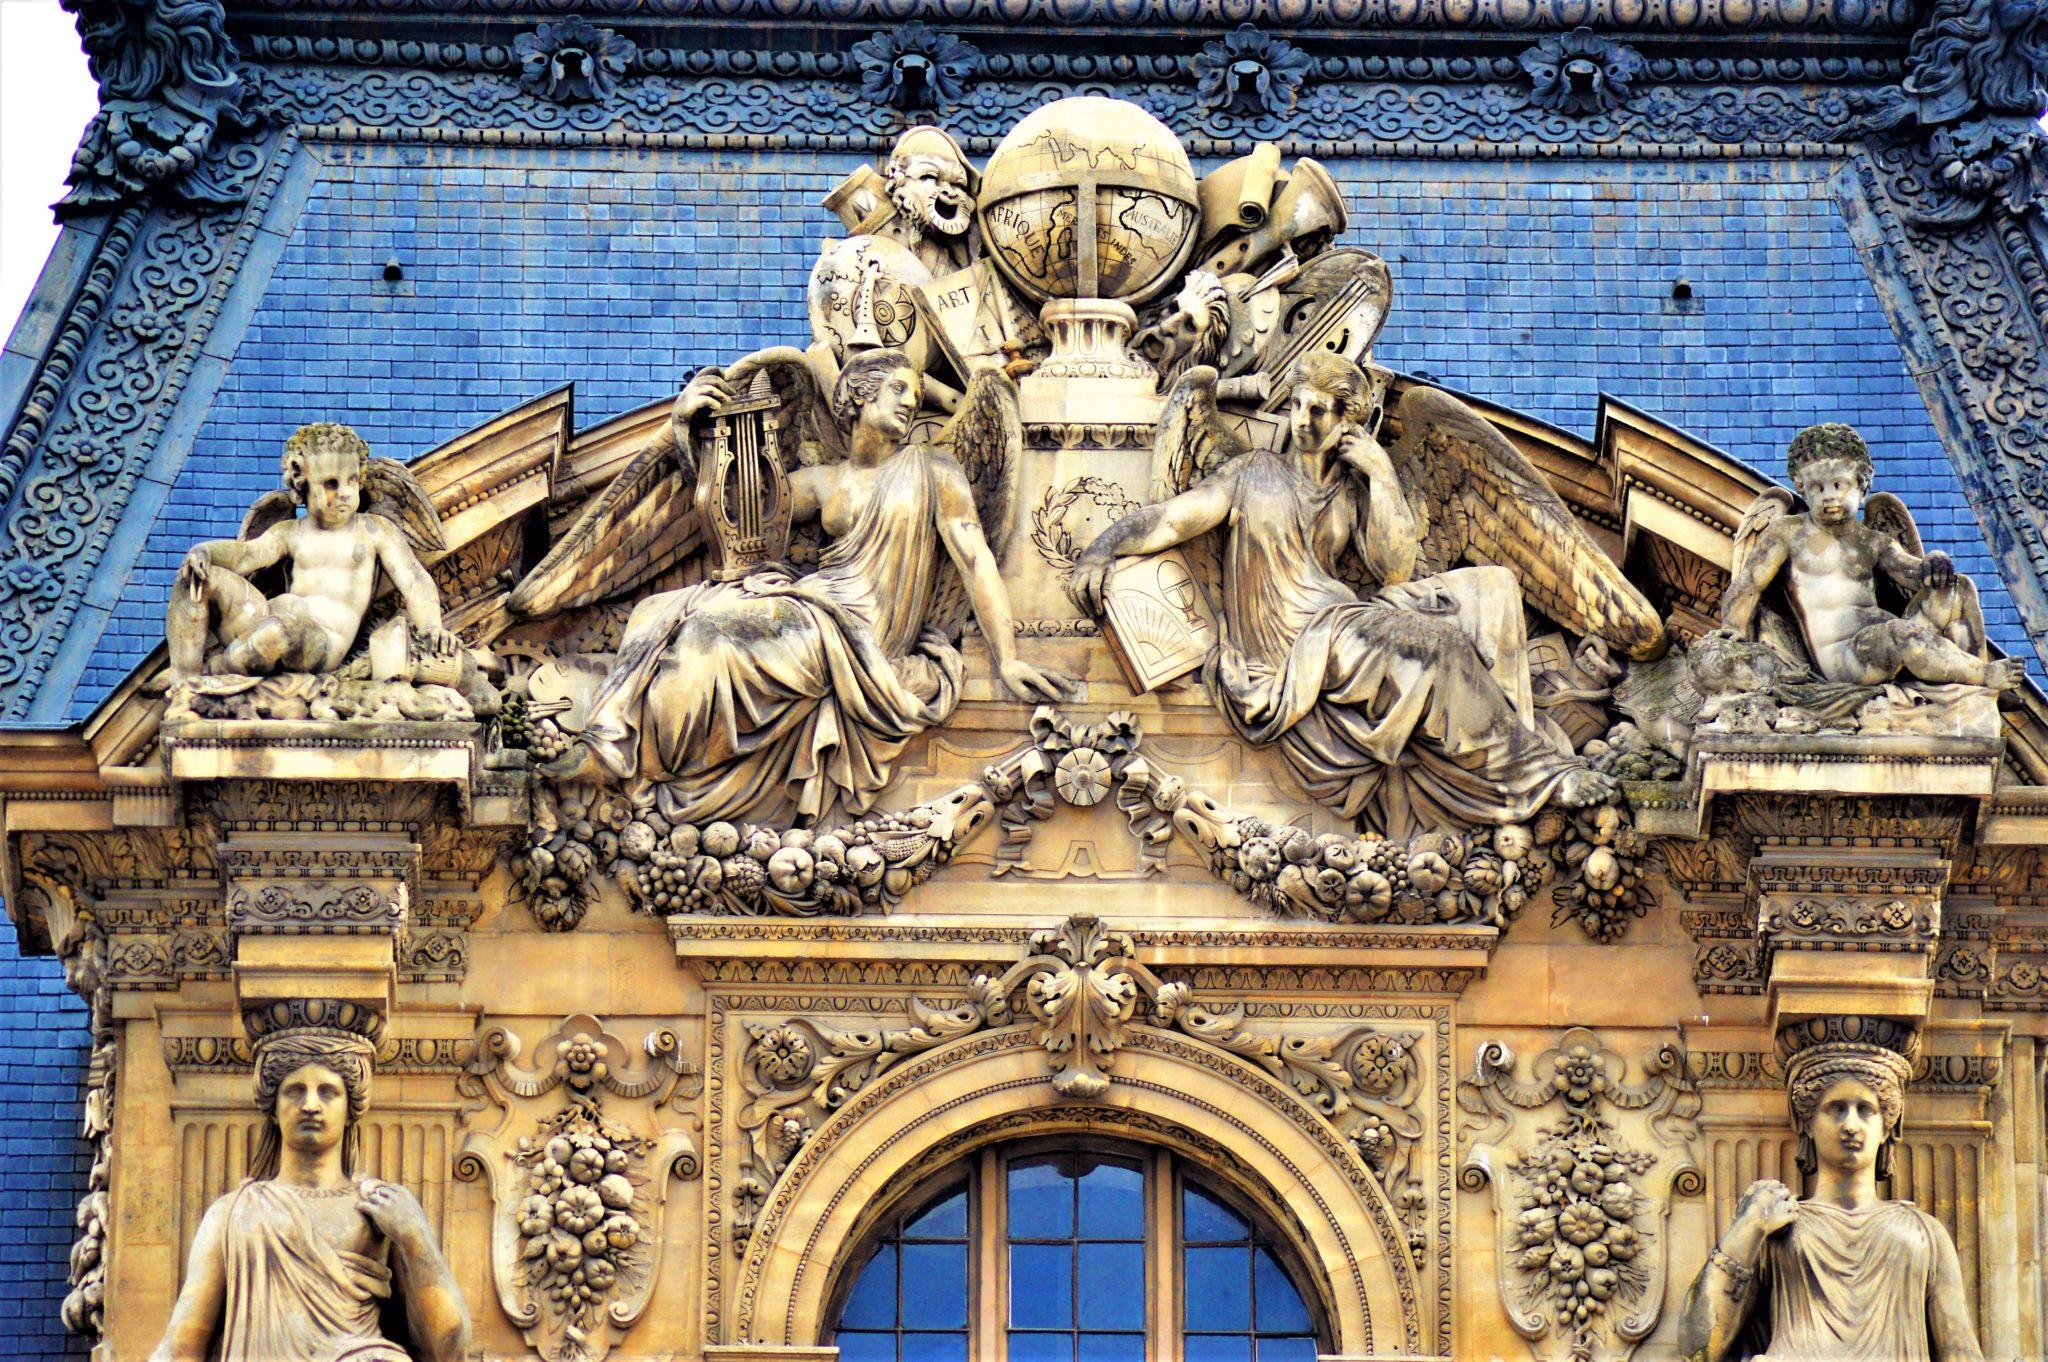 Sculptures on buildings near Louvre, Paris